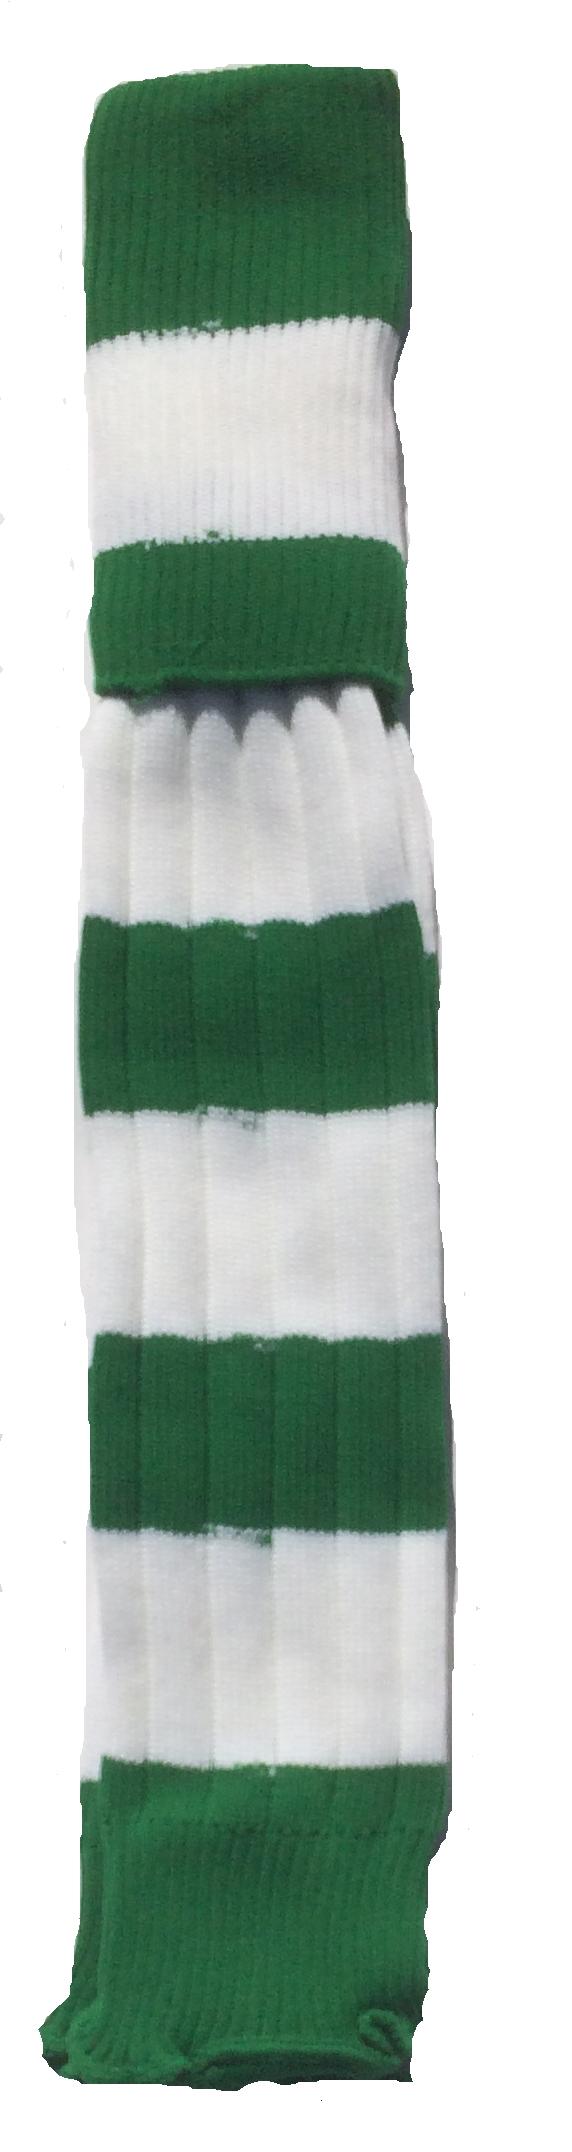 WAW Stutzen geringelt grün-weiß